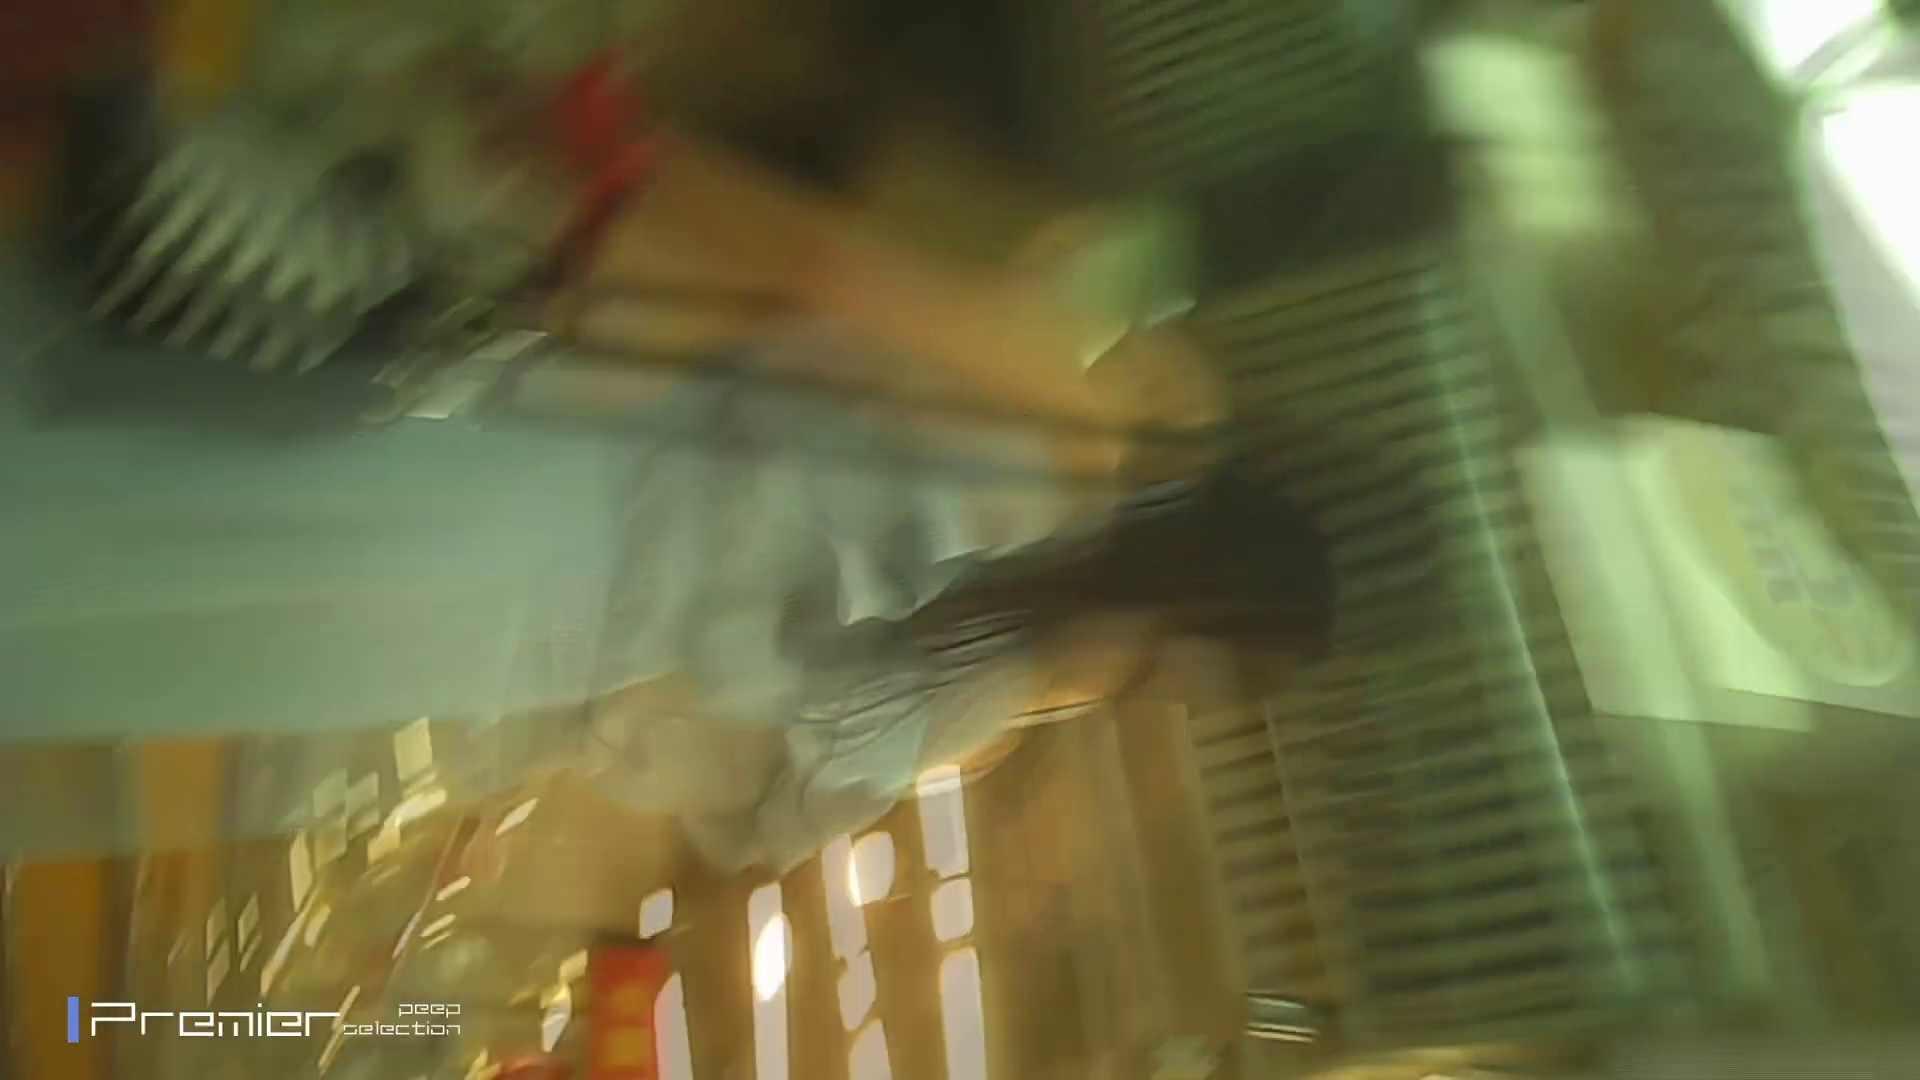 美女の痴態に密着!ギャルのパンチラVol.04 眼鏡女良のパンチラ 洗面所 ワレメ動画紹介 99画像 6